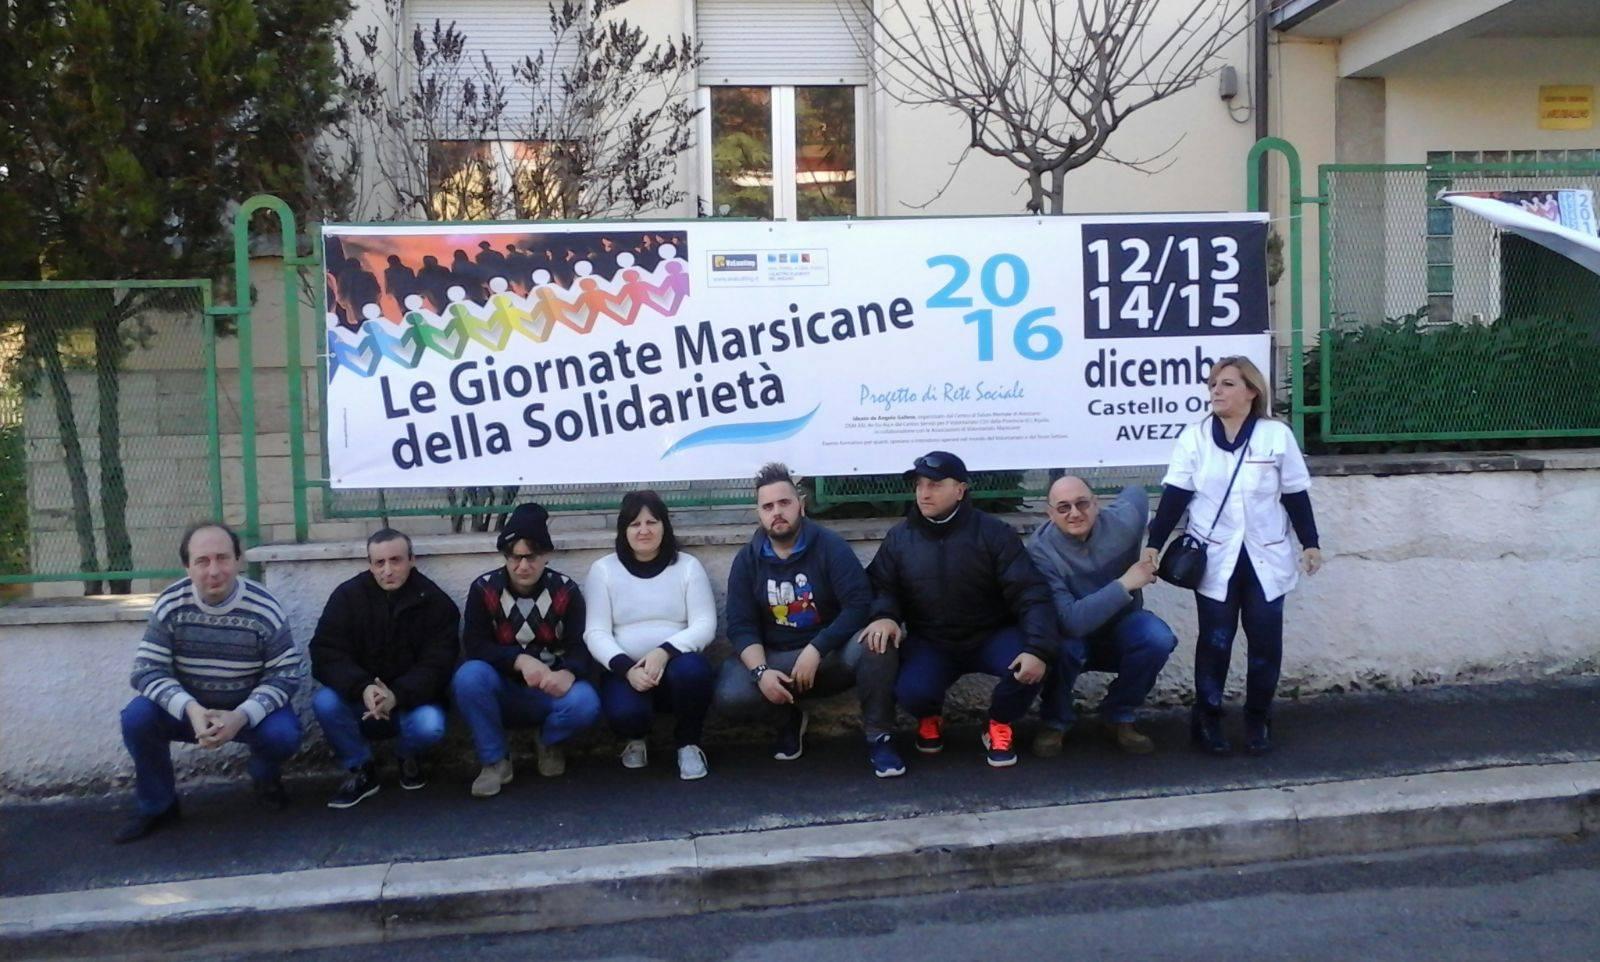 Al via le giornate marsicane della Solidarietà